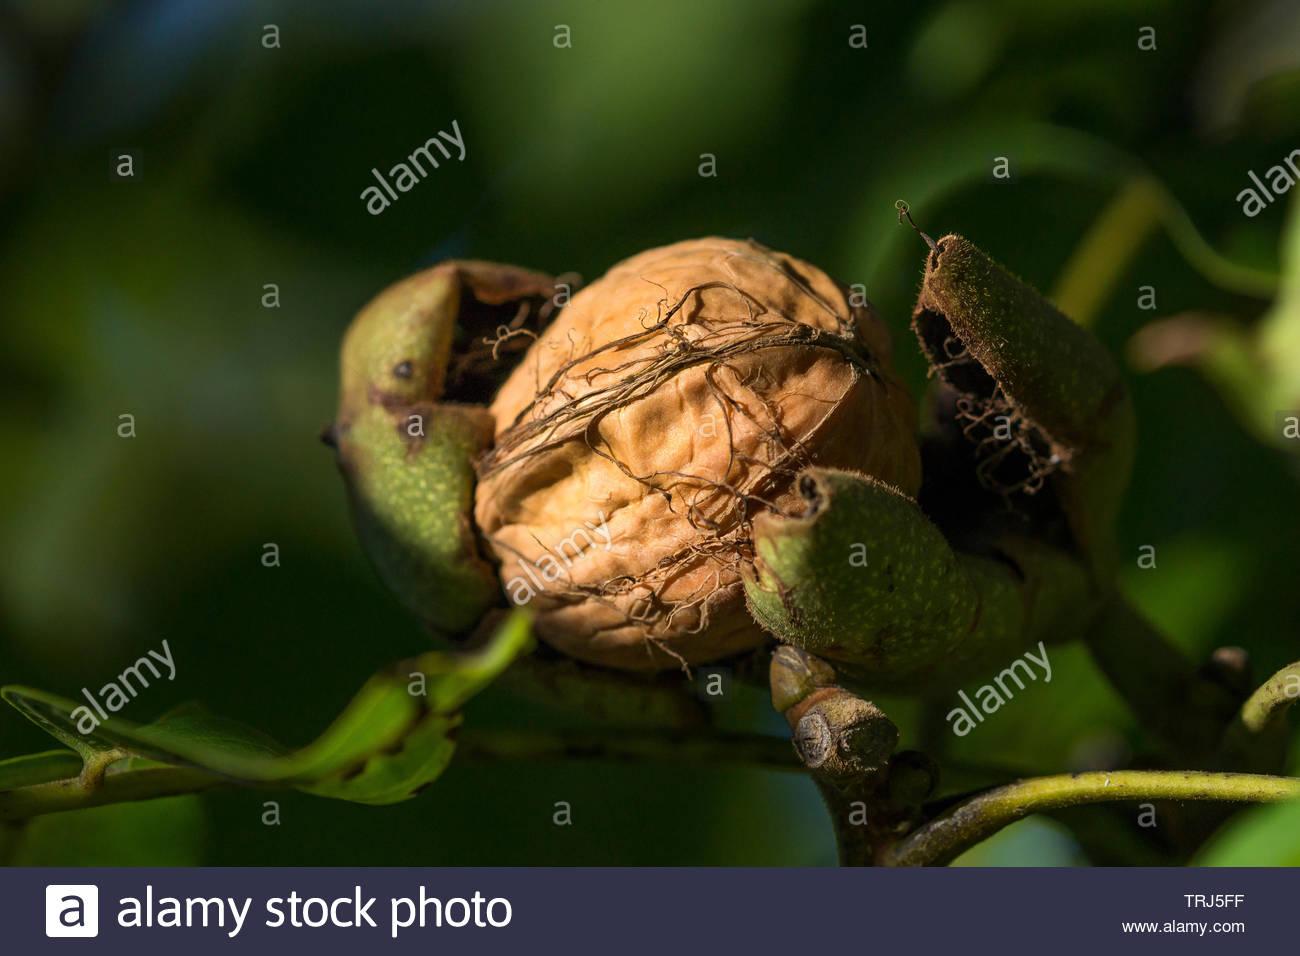 walnut-shell-inside-its-green-husk-TRJ5F